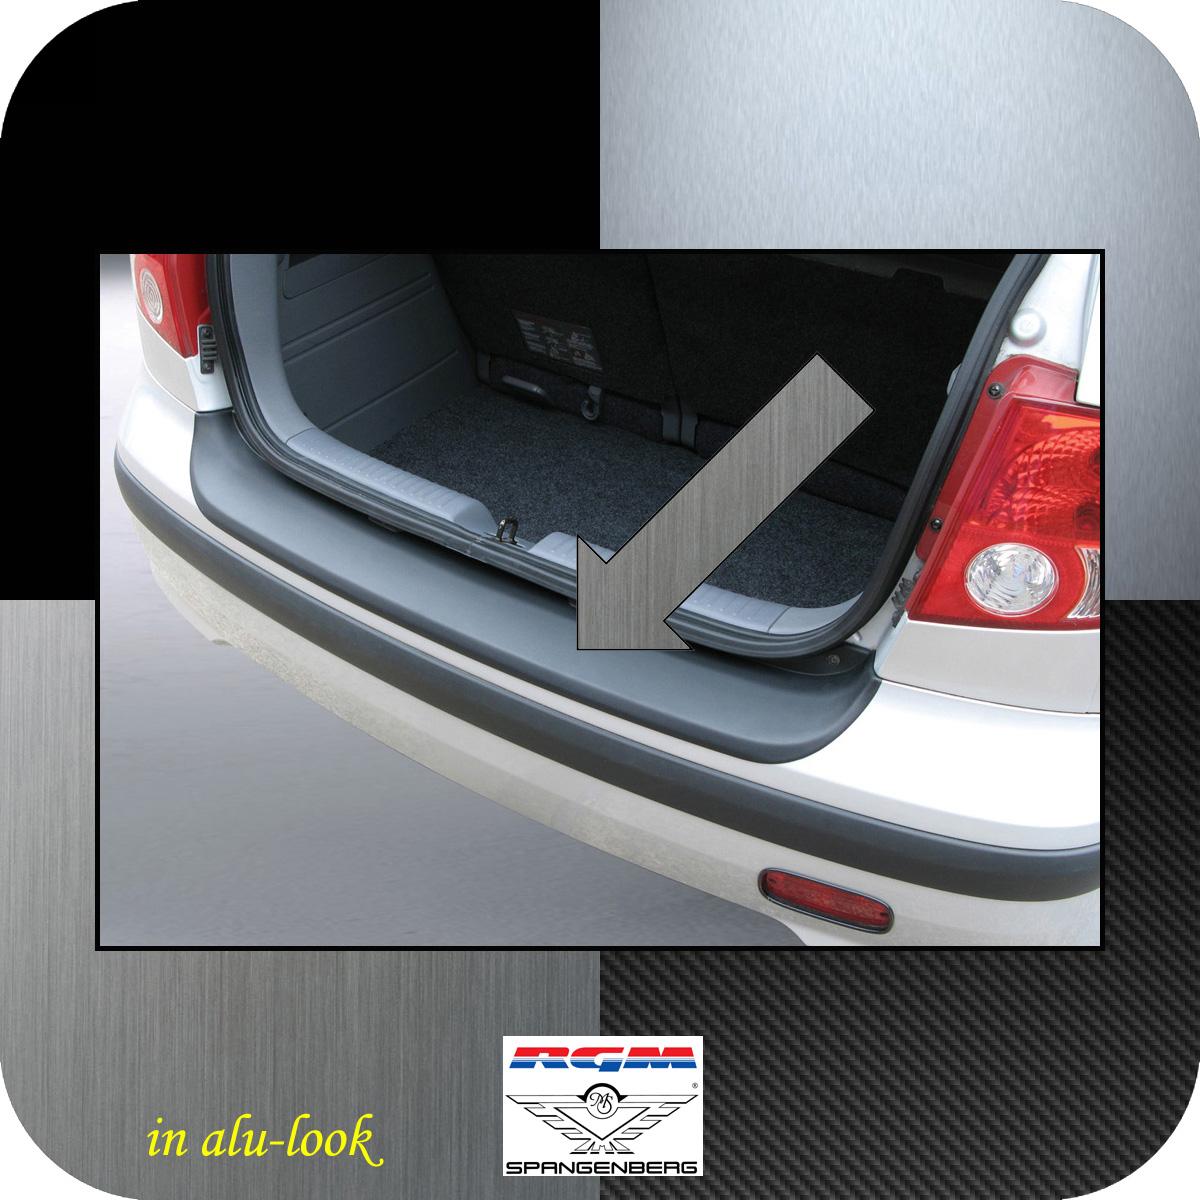 Ladekantenschutz Alu-Look Hyundai Getz Schrägheck vor Mopf 2002-05 3504211